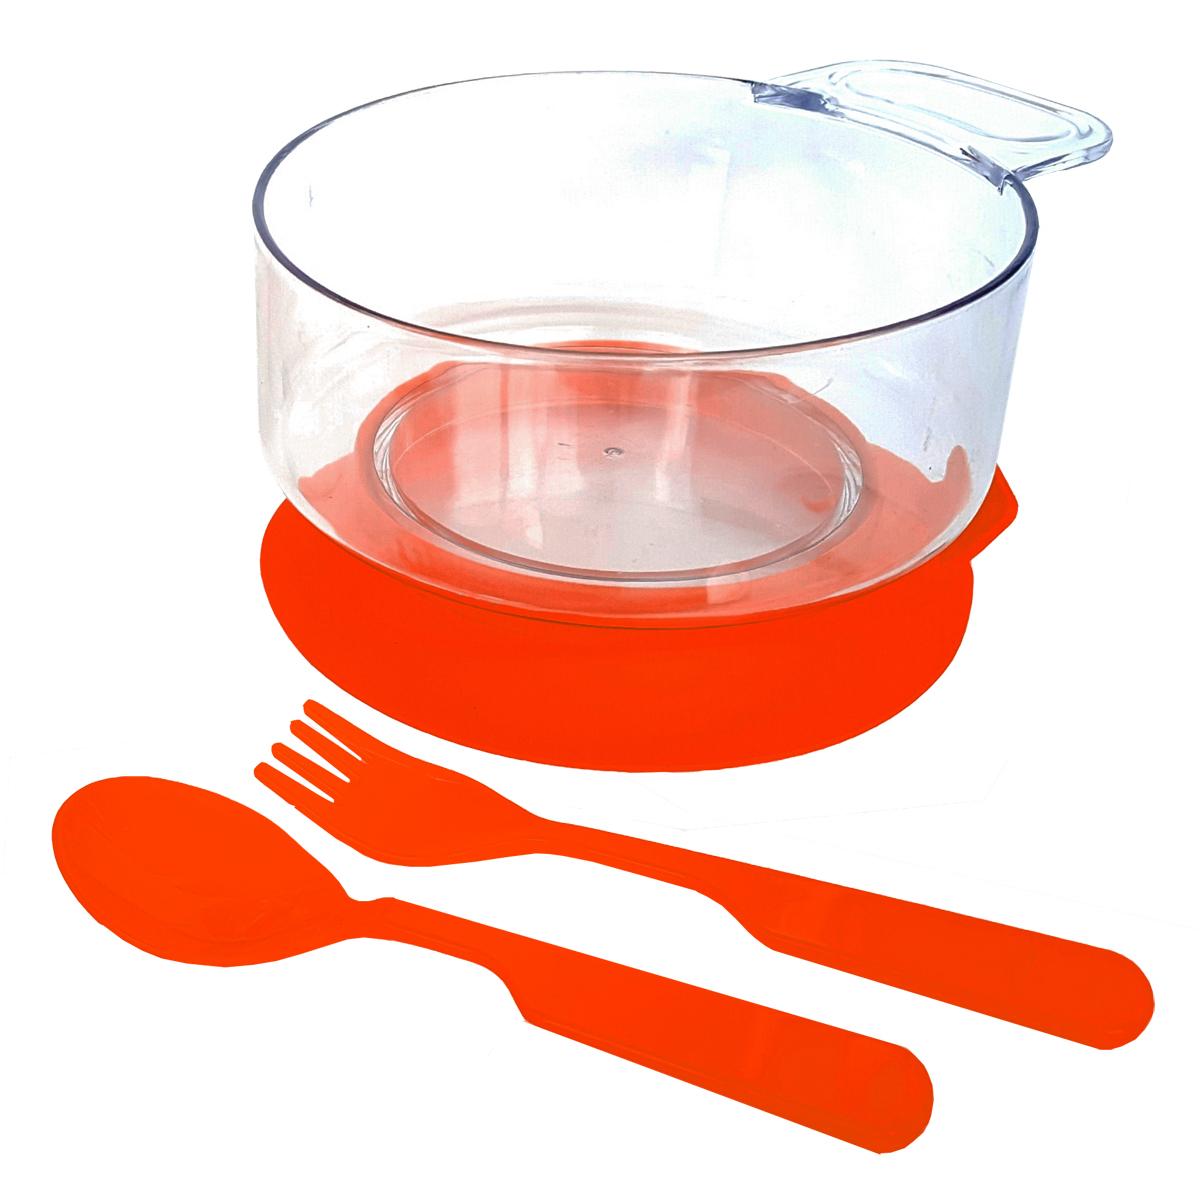 Набор детской посуды цвет красный 3 предмета 12131213краснНабор посуды из 3-х предметов, идеальный для начала самостоятельного питания малыша. Произведено в России из безопасного пищевого пластика. Форма изготовлена по лучшим европейским технологиям. Эргономичные и безопасные ложка-вилка. Глубокая тарелка с ручкой на съемной присоске предотвращает скольжение по столу и переворачивание. Яркие цвета и удобная форма обеспечивают удовольствие от кормления. Можно мыть в посудомоечной машине и ставить в СВЧ (снять присоску с тарелки!).